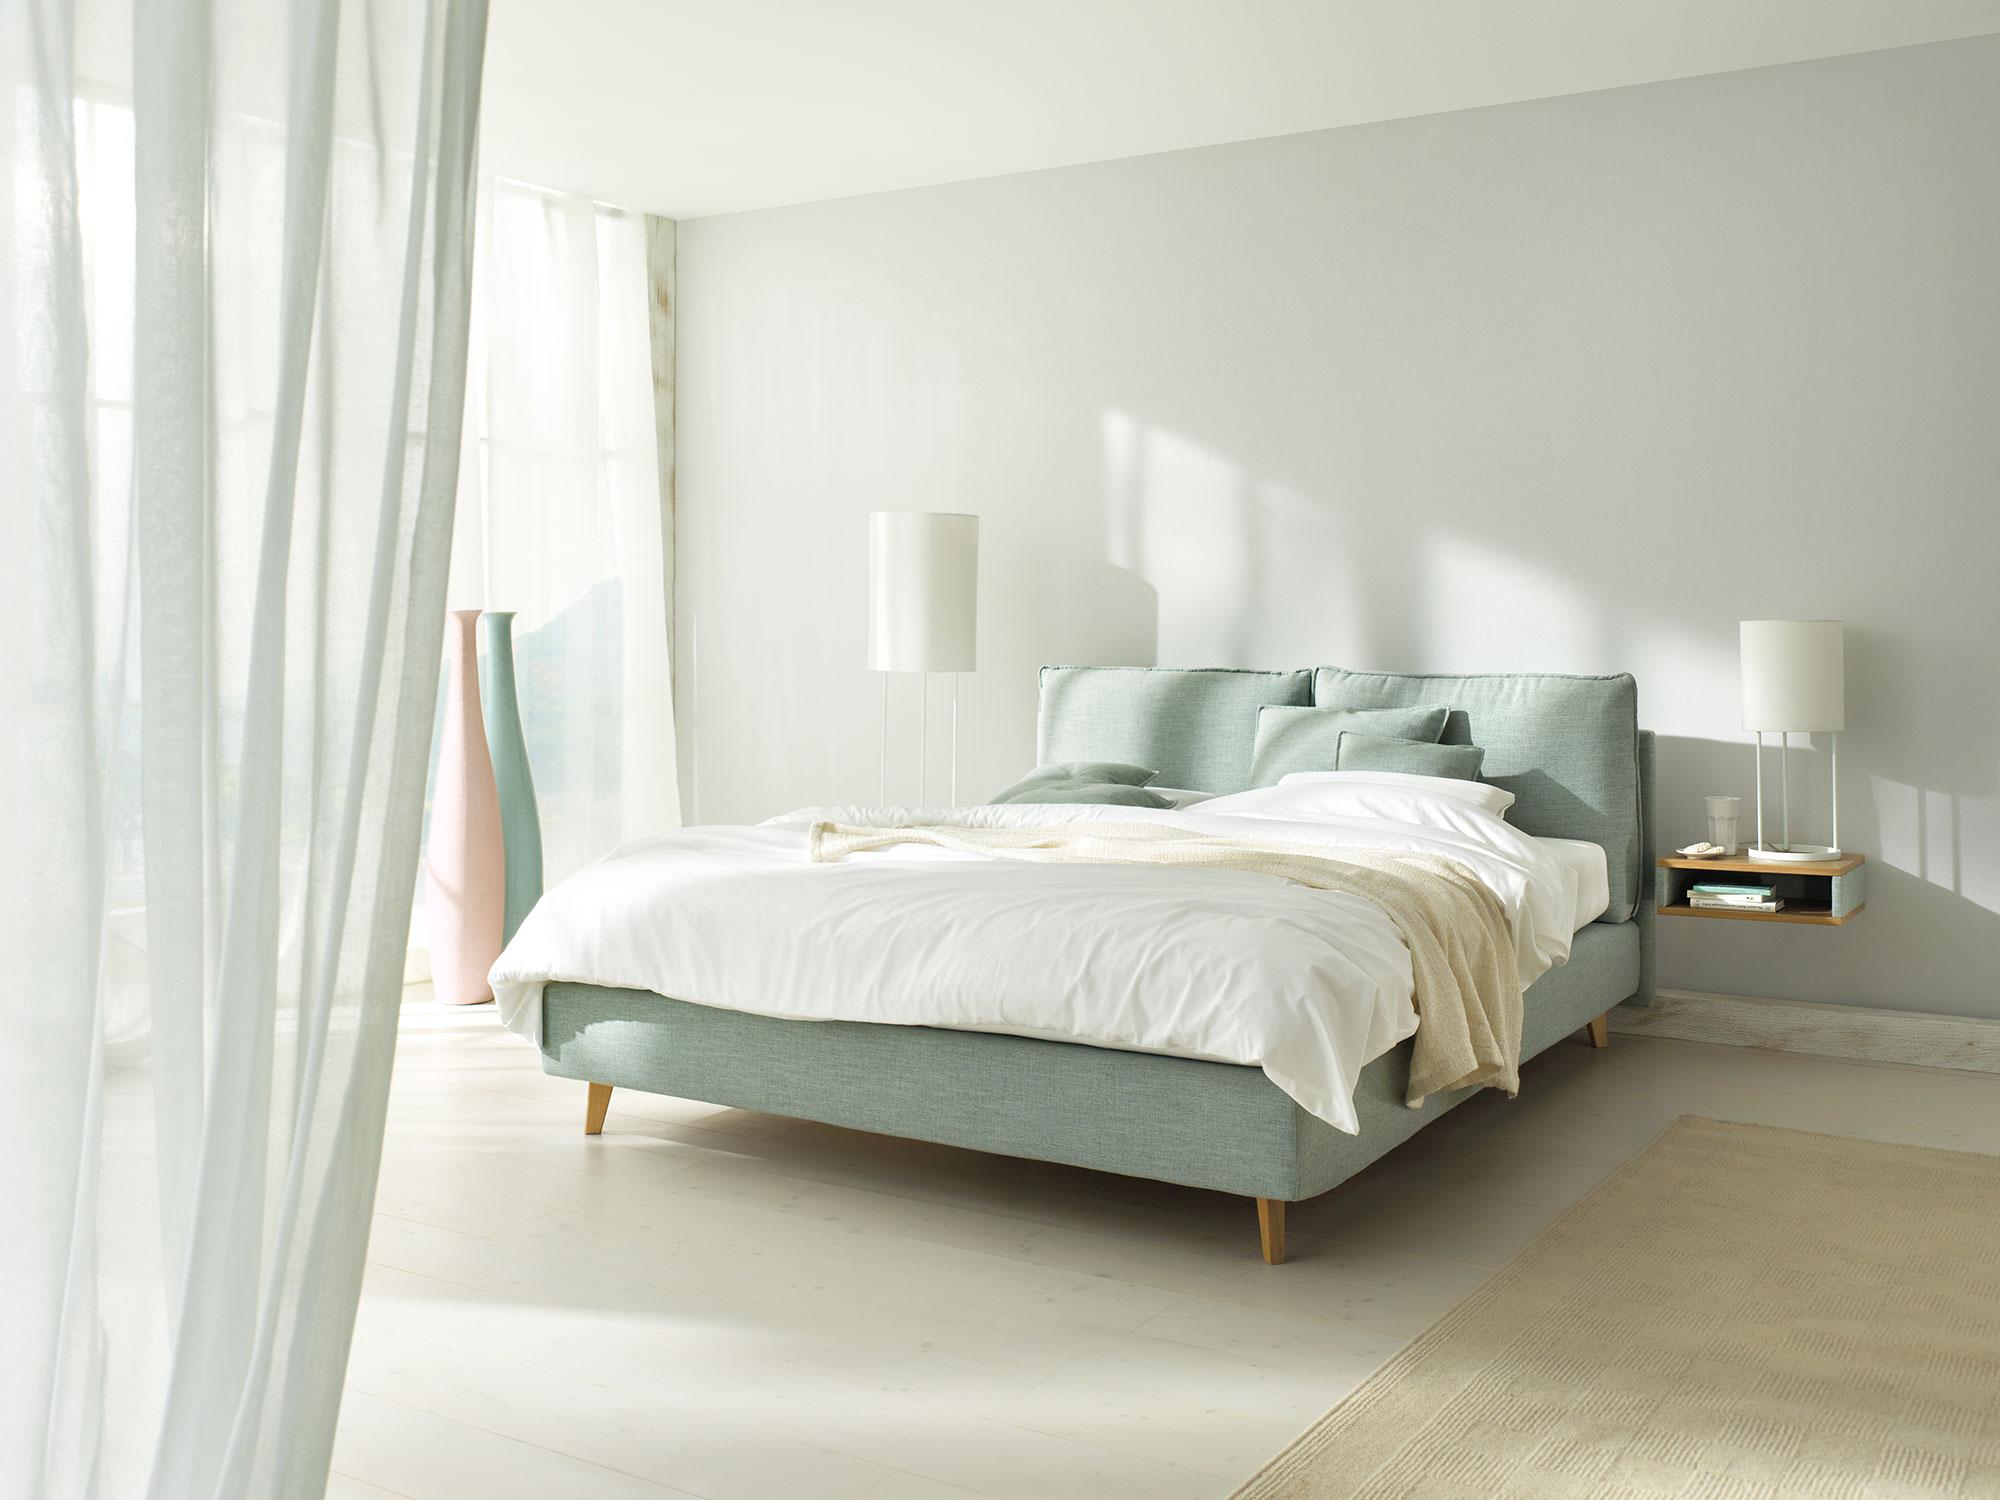 Traum schlafzimmer  Schlafzimmer | Möbelstudio Schriebl